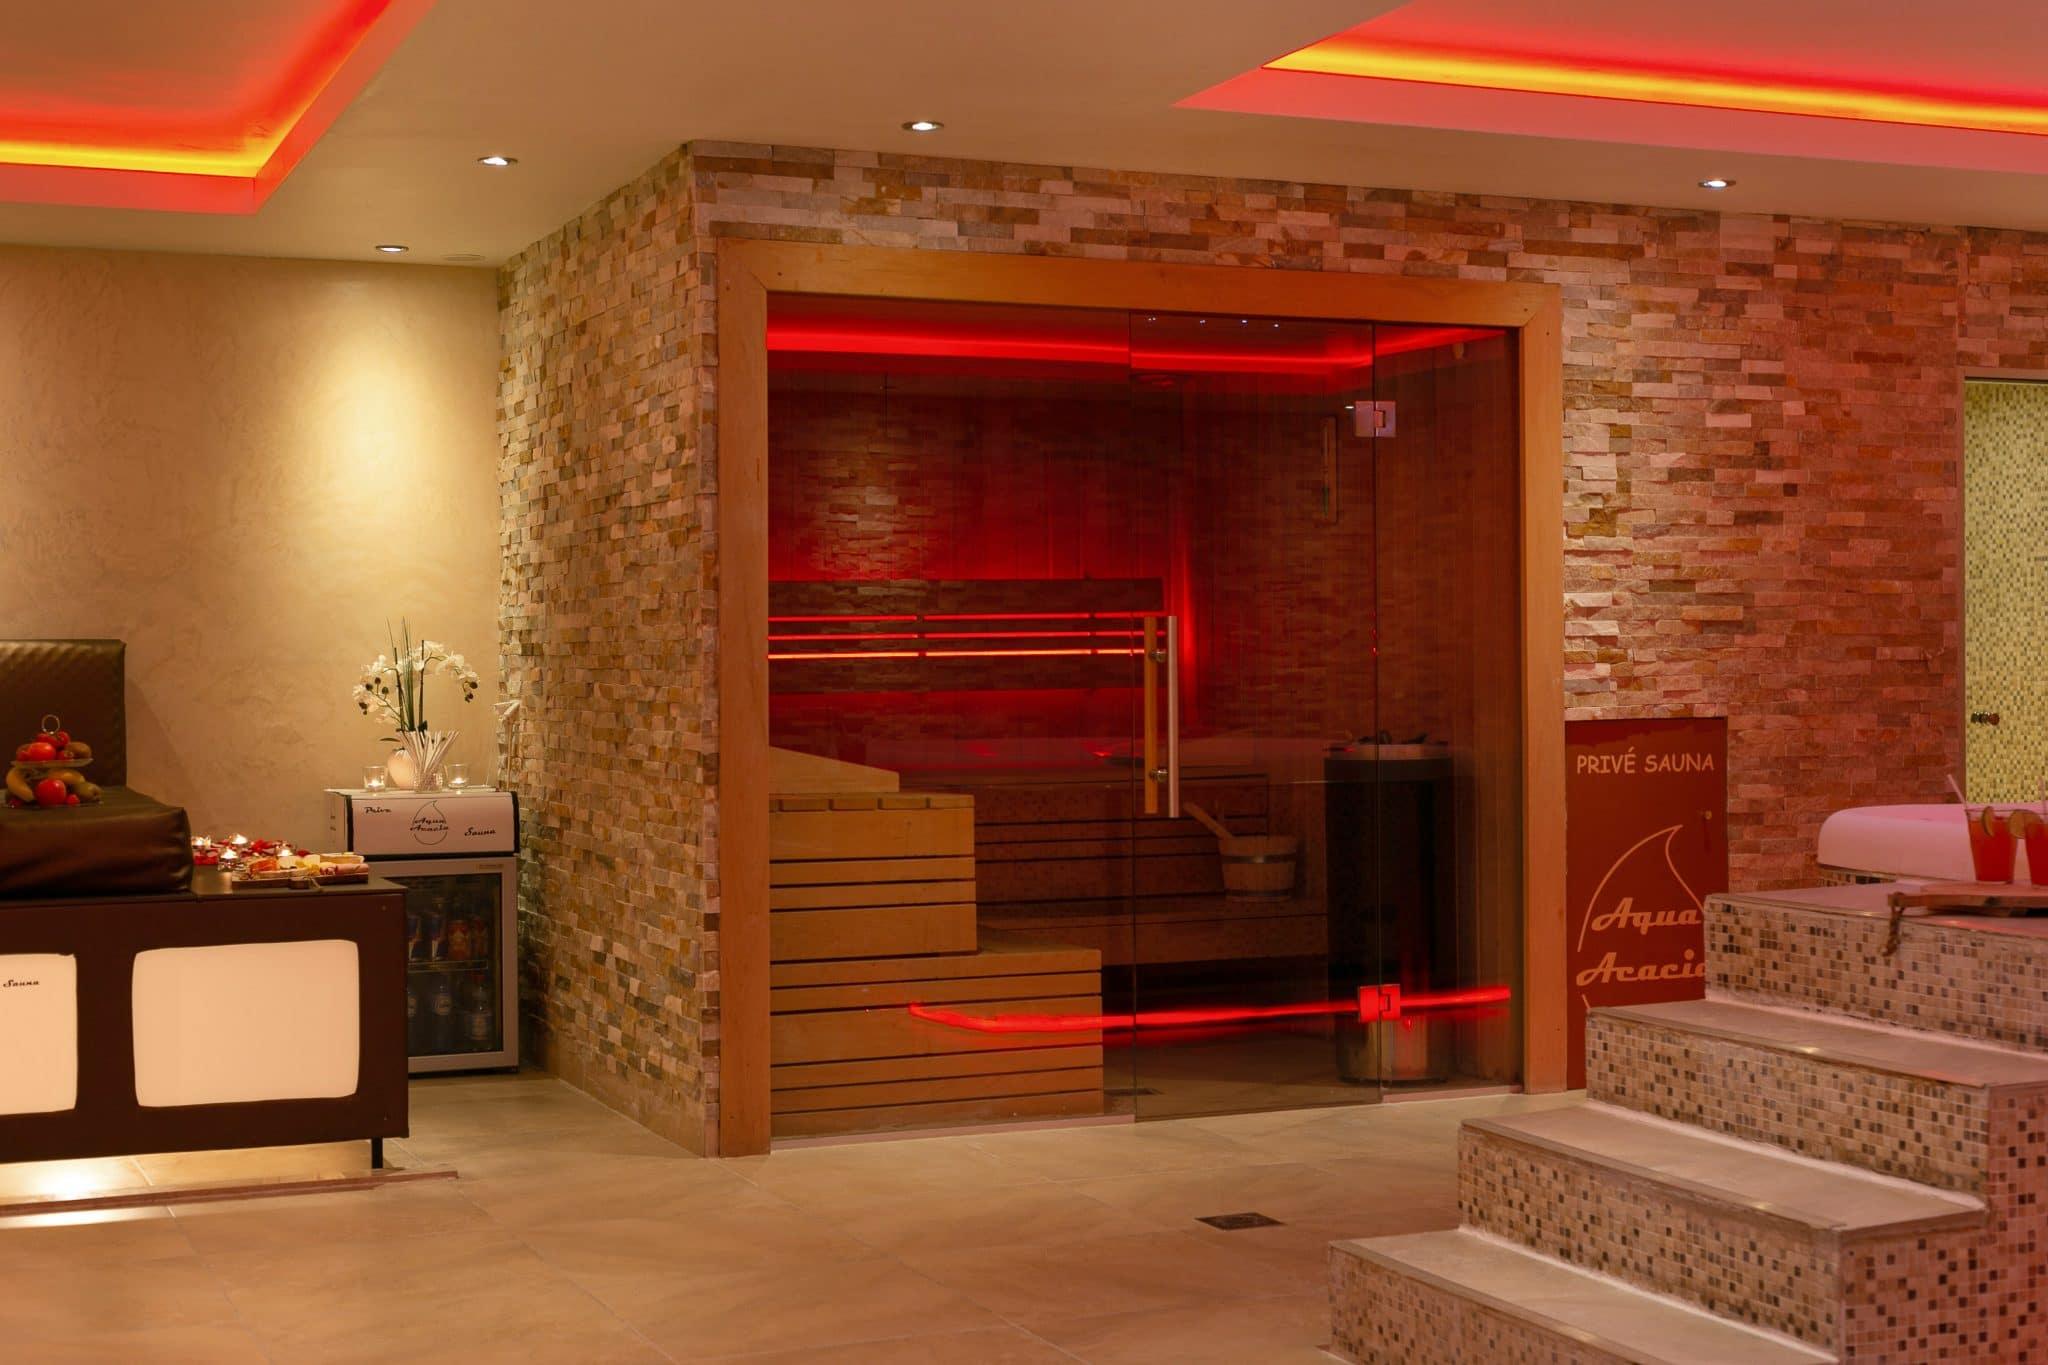 Prive Sauna Aqua Acacia Den Haag